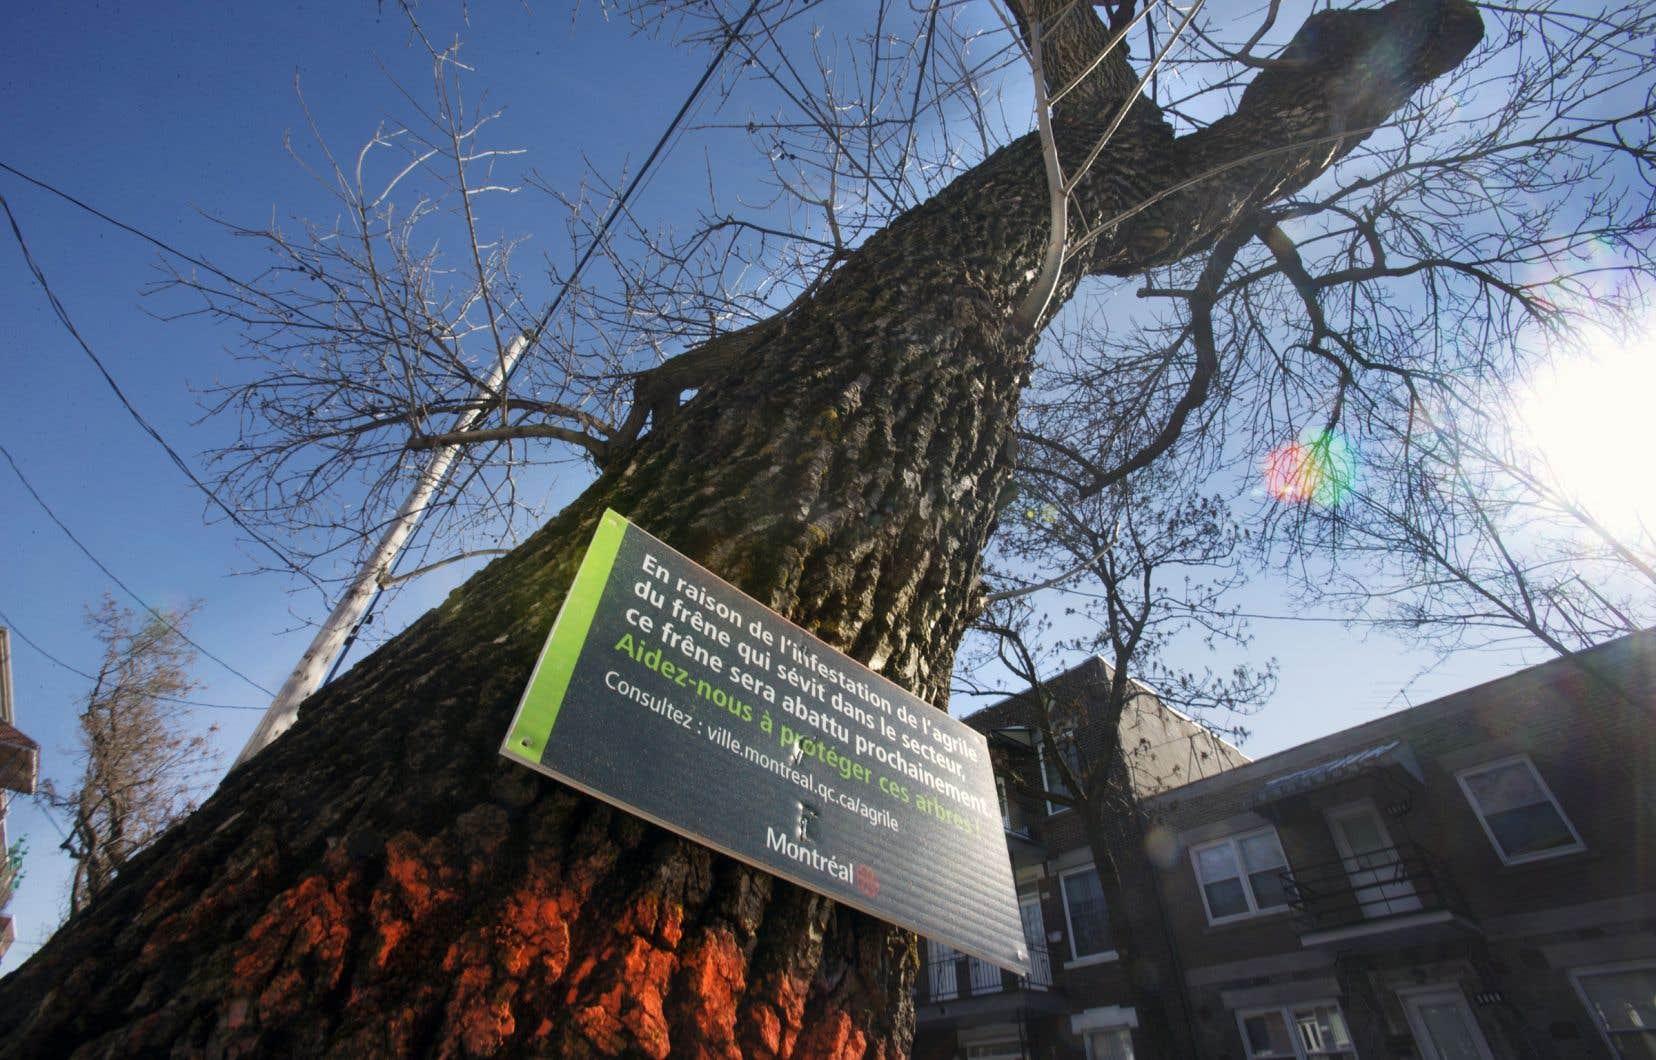 La Ville de Montréal a traité près de 95000 arbres sur les terrains publics au cours des dernières années. Elle a néanmoins dû procéder à l'abattage de plus de 15000 arbres depuis 2011. L'an dernier, la Ville a annoncé l'abattage de 4000 frênes sur le mont Royal.